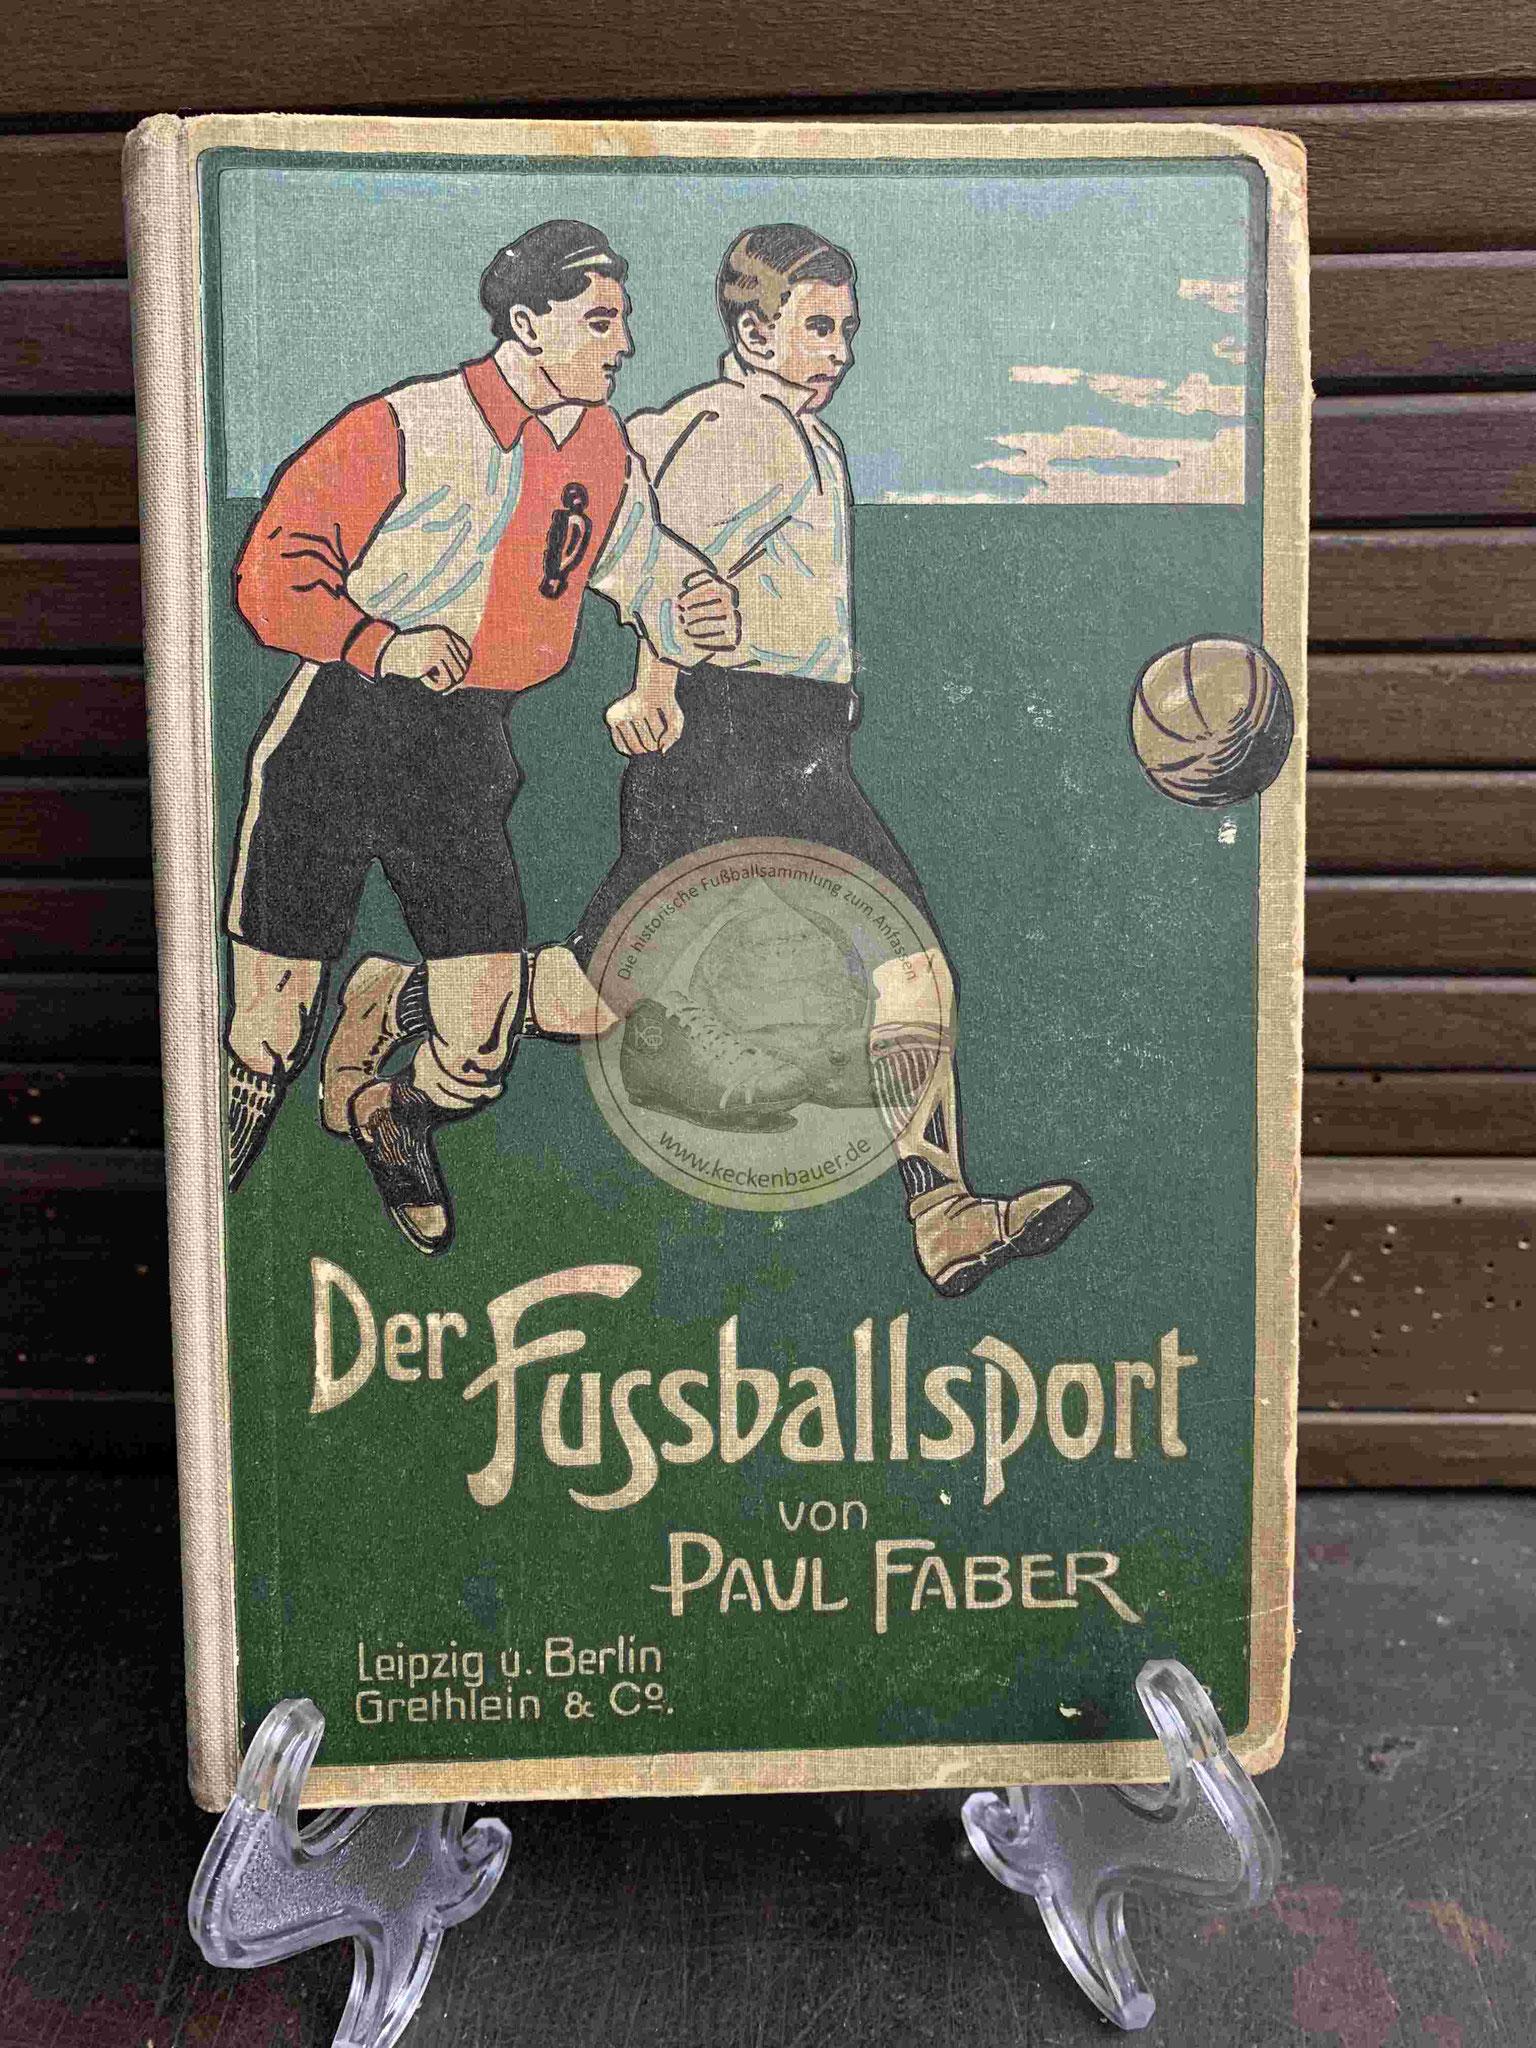 Der Fußballsport von Paul Faber von Leipzig u. Berlin Grethlein & Co aus dem Jahr 1907